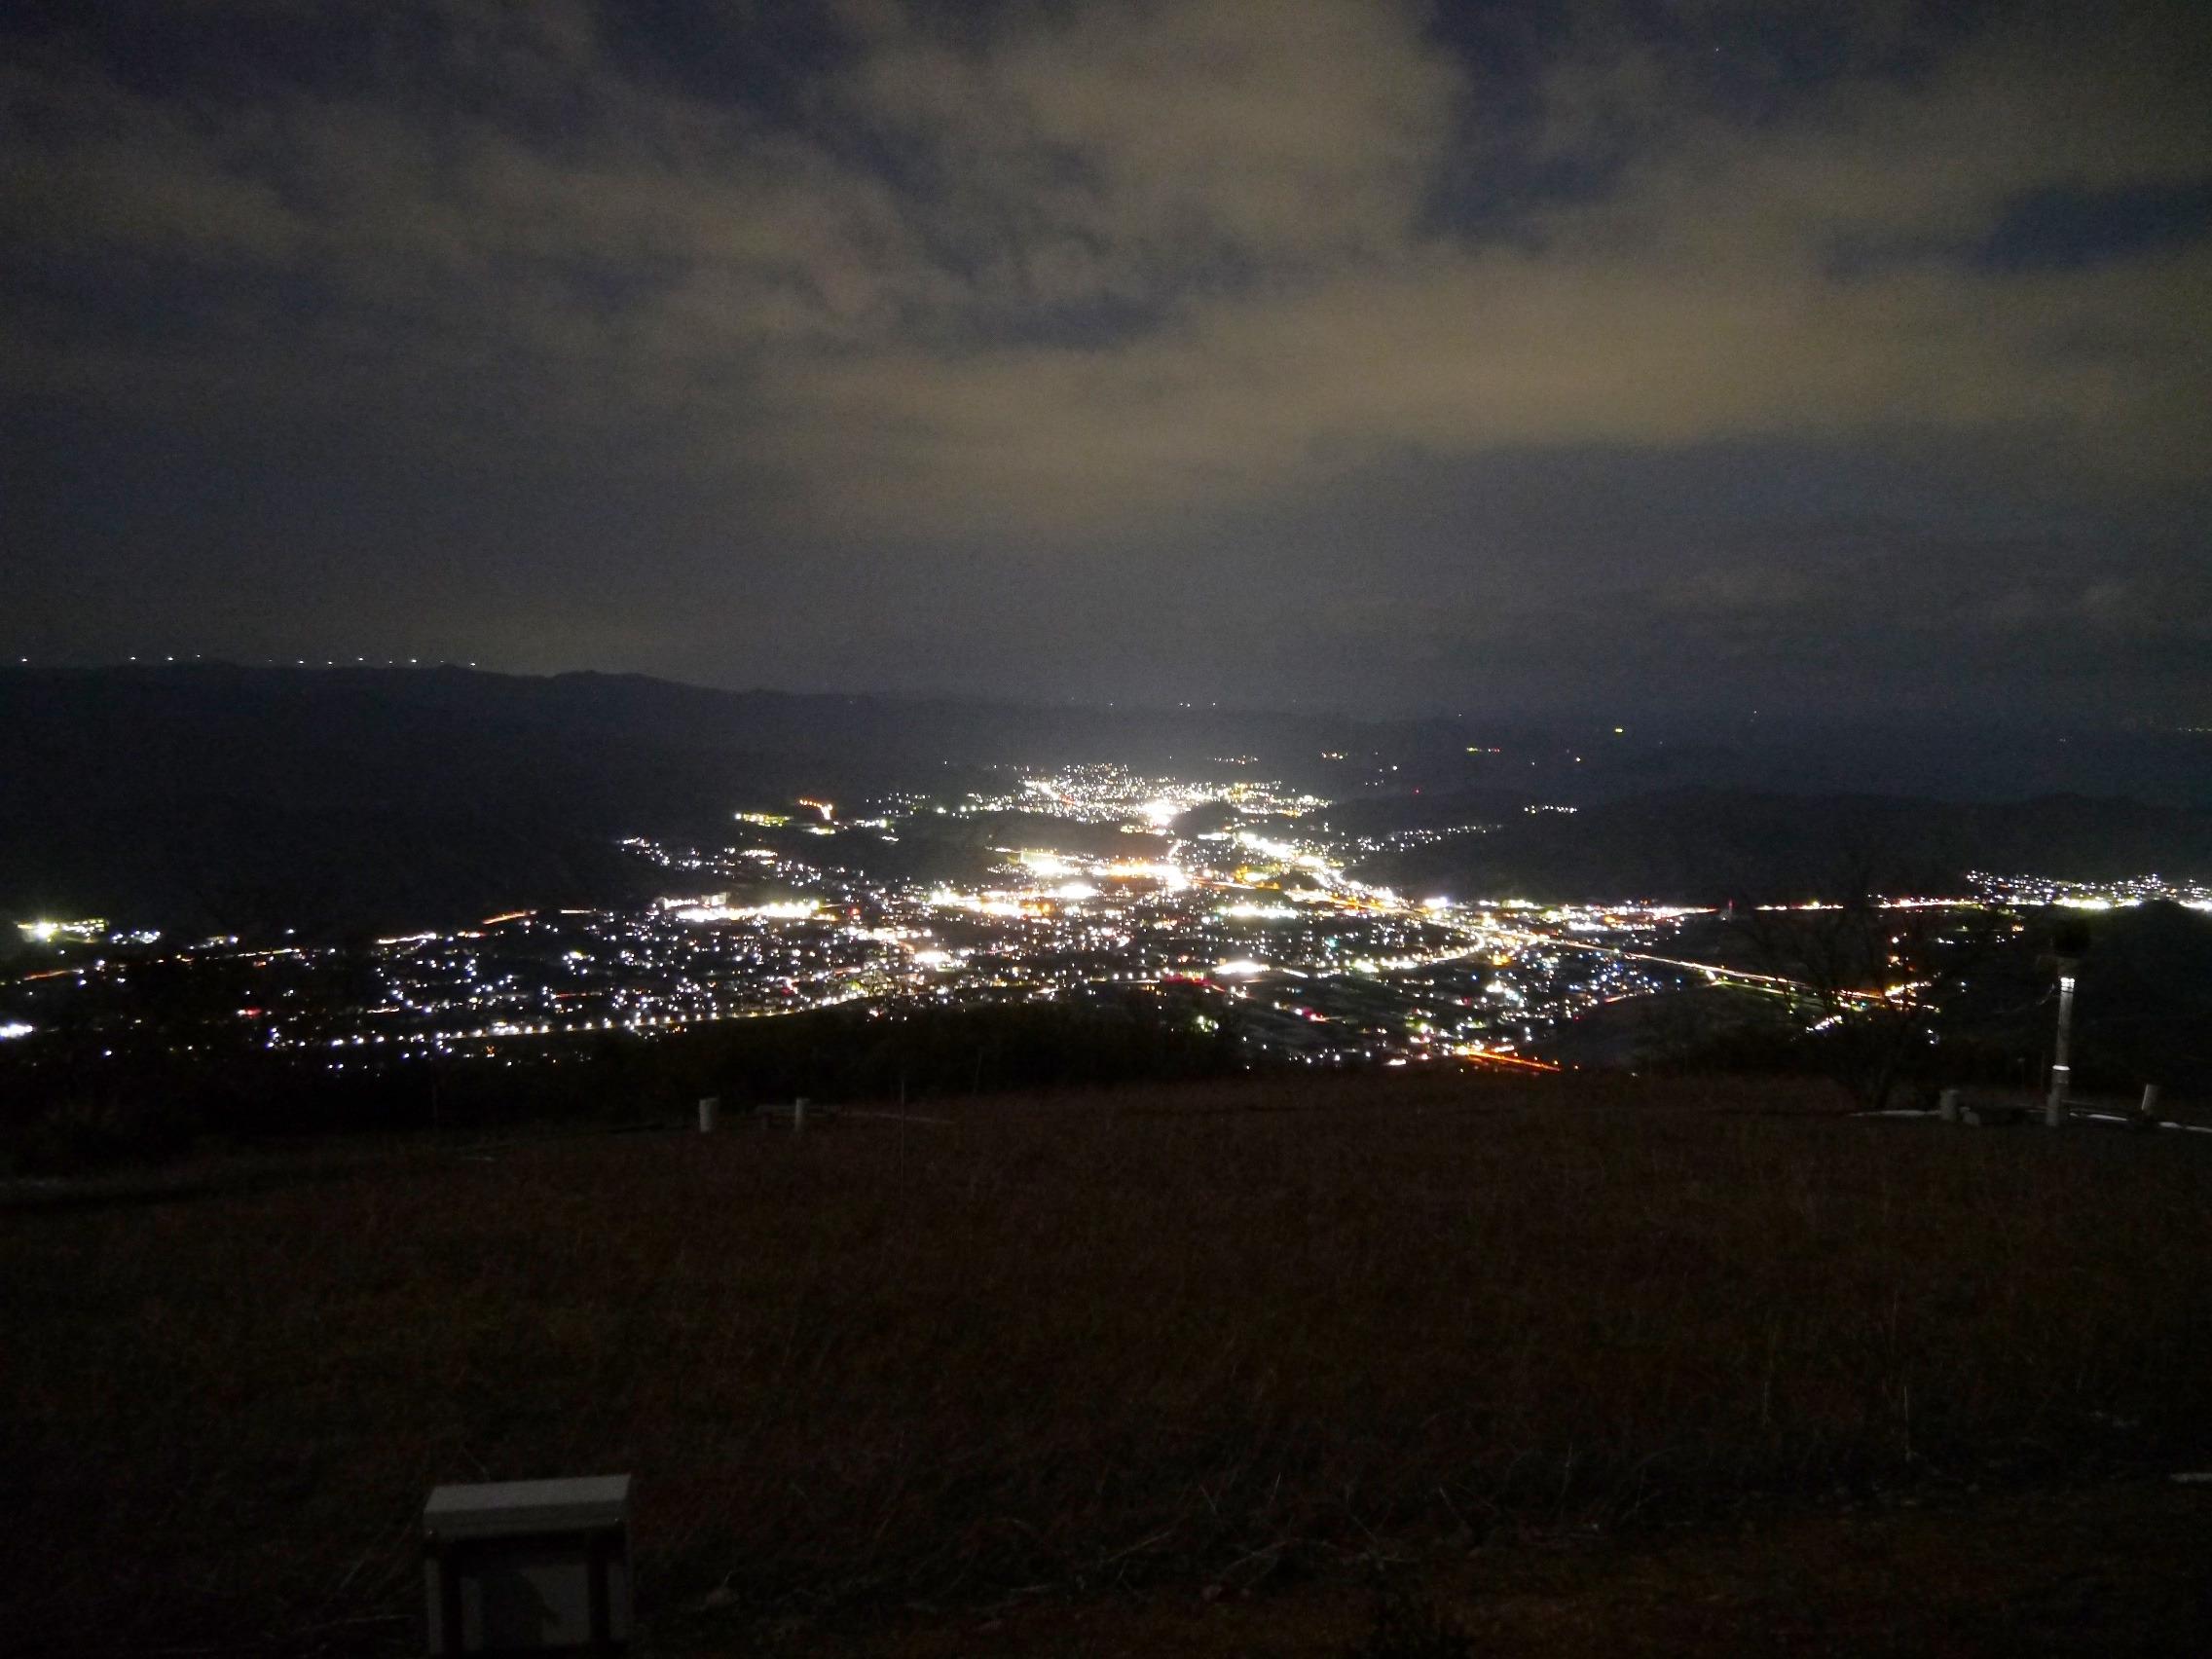 コスモスの向こうに有田平野の夜景と夕日に染まる紀伊水道が見える